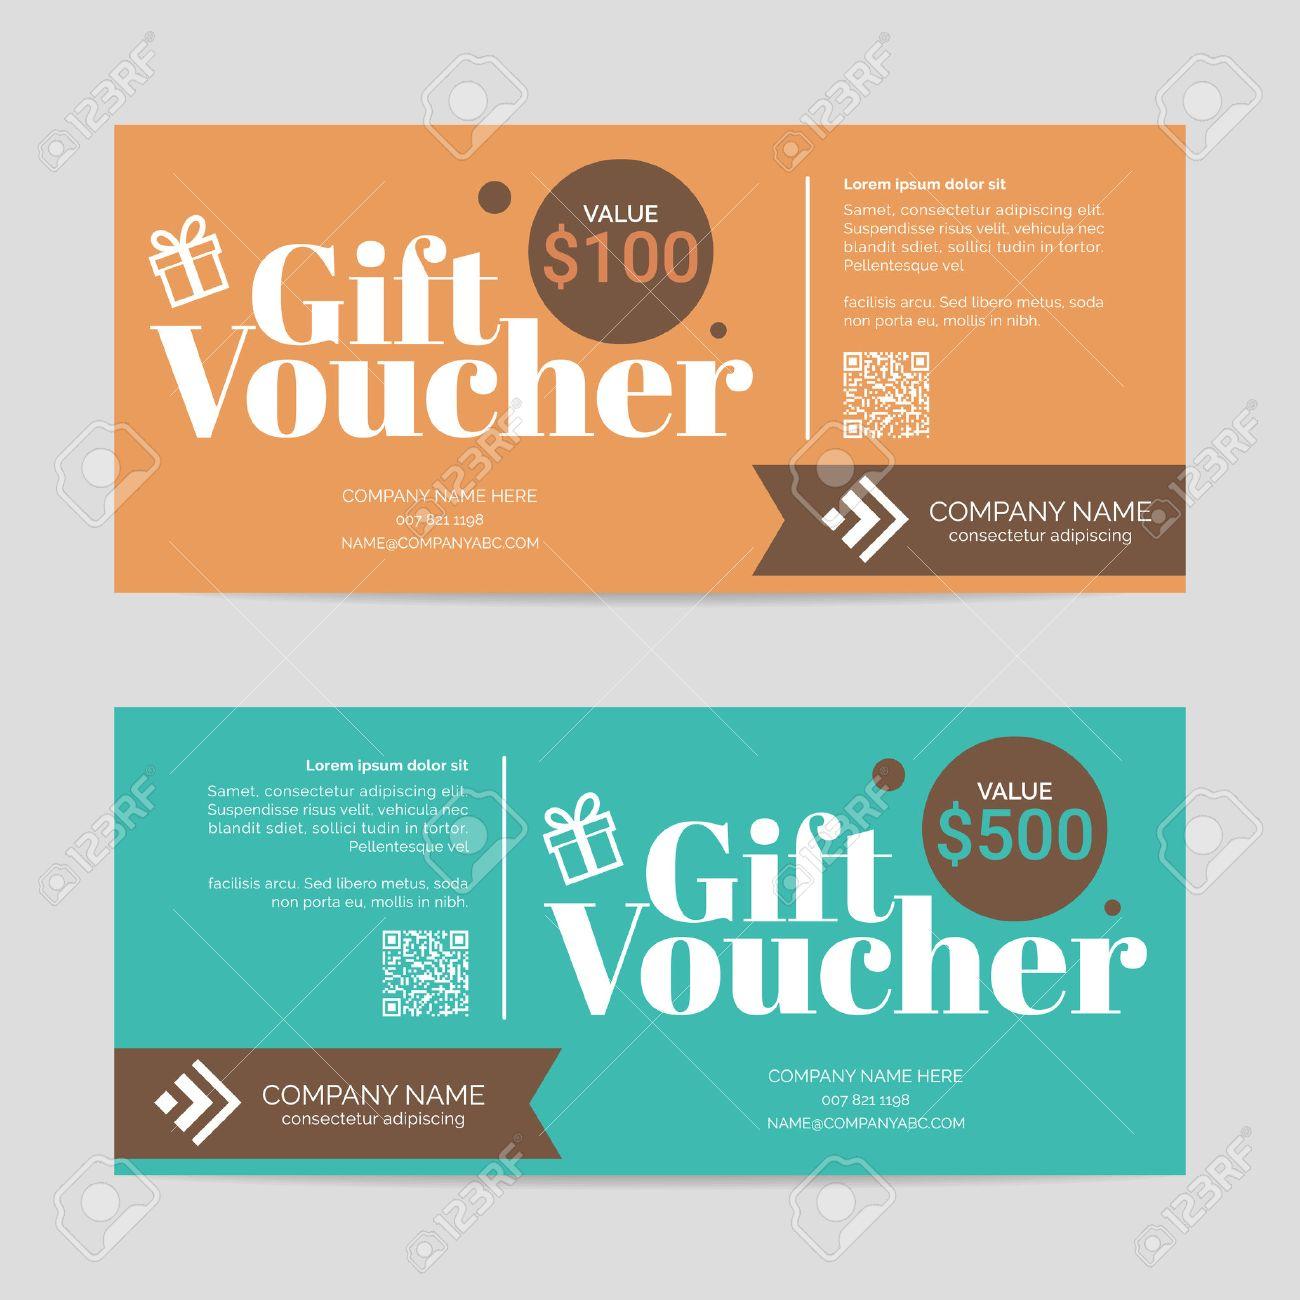 gift voucher template eps vector format royalty cliparts gift voucher template eps10 vector format stock vector 48123713